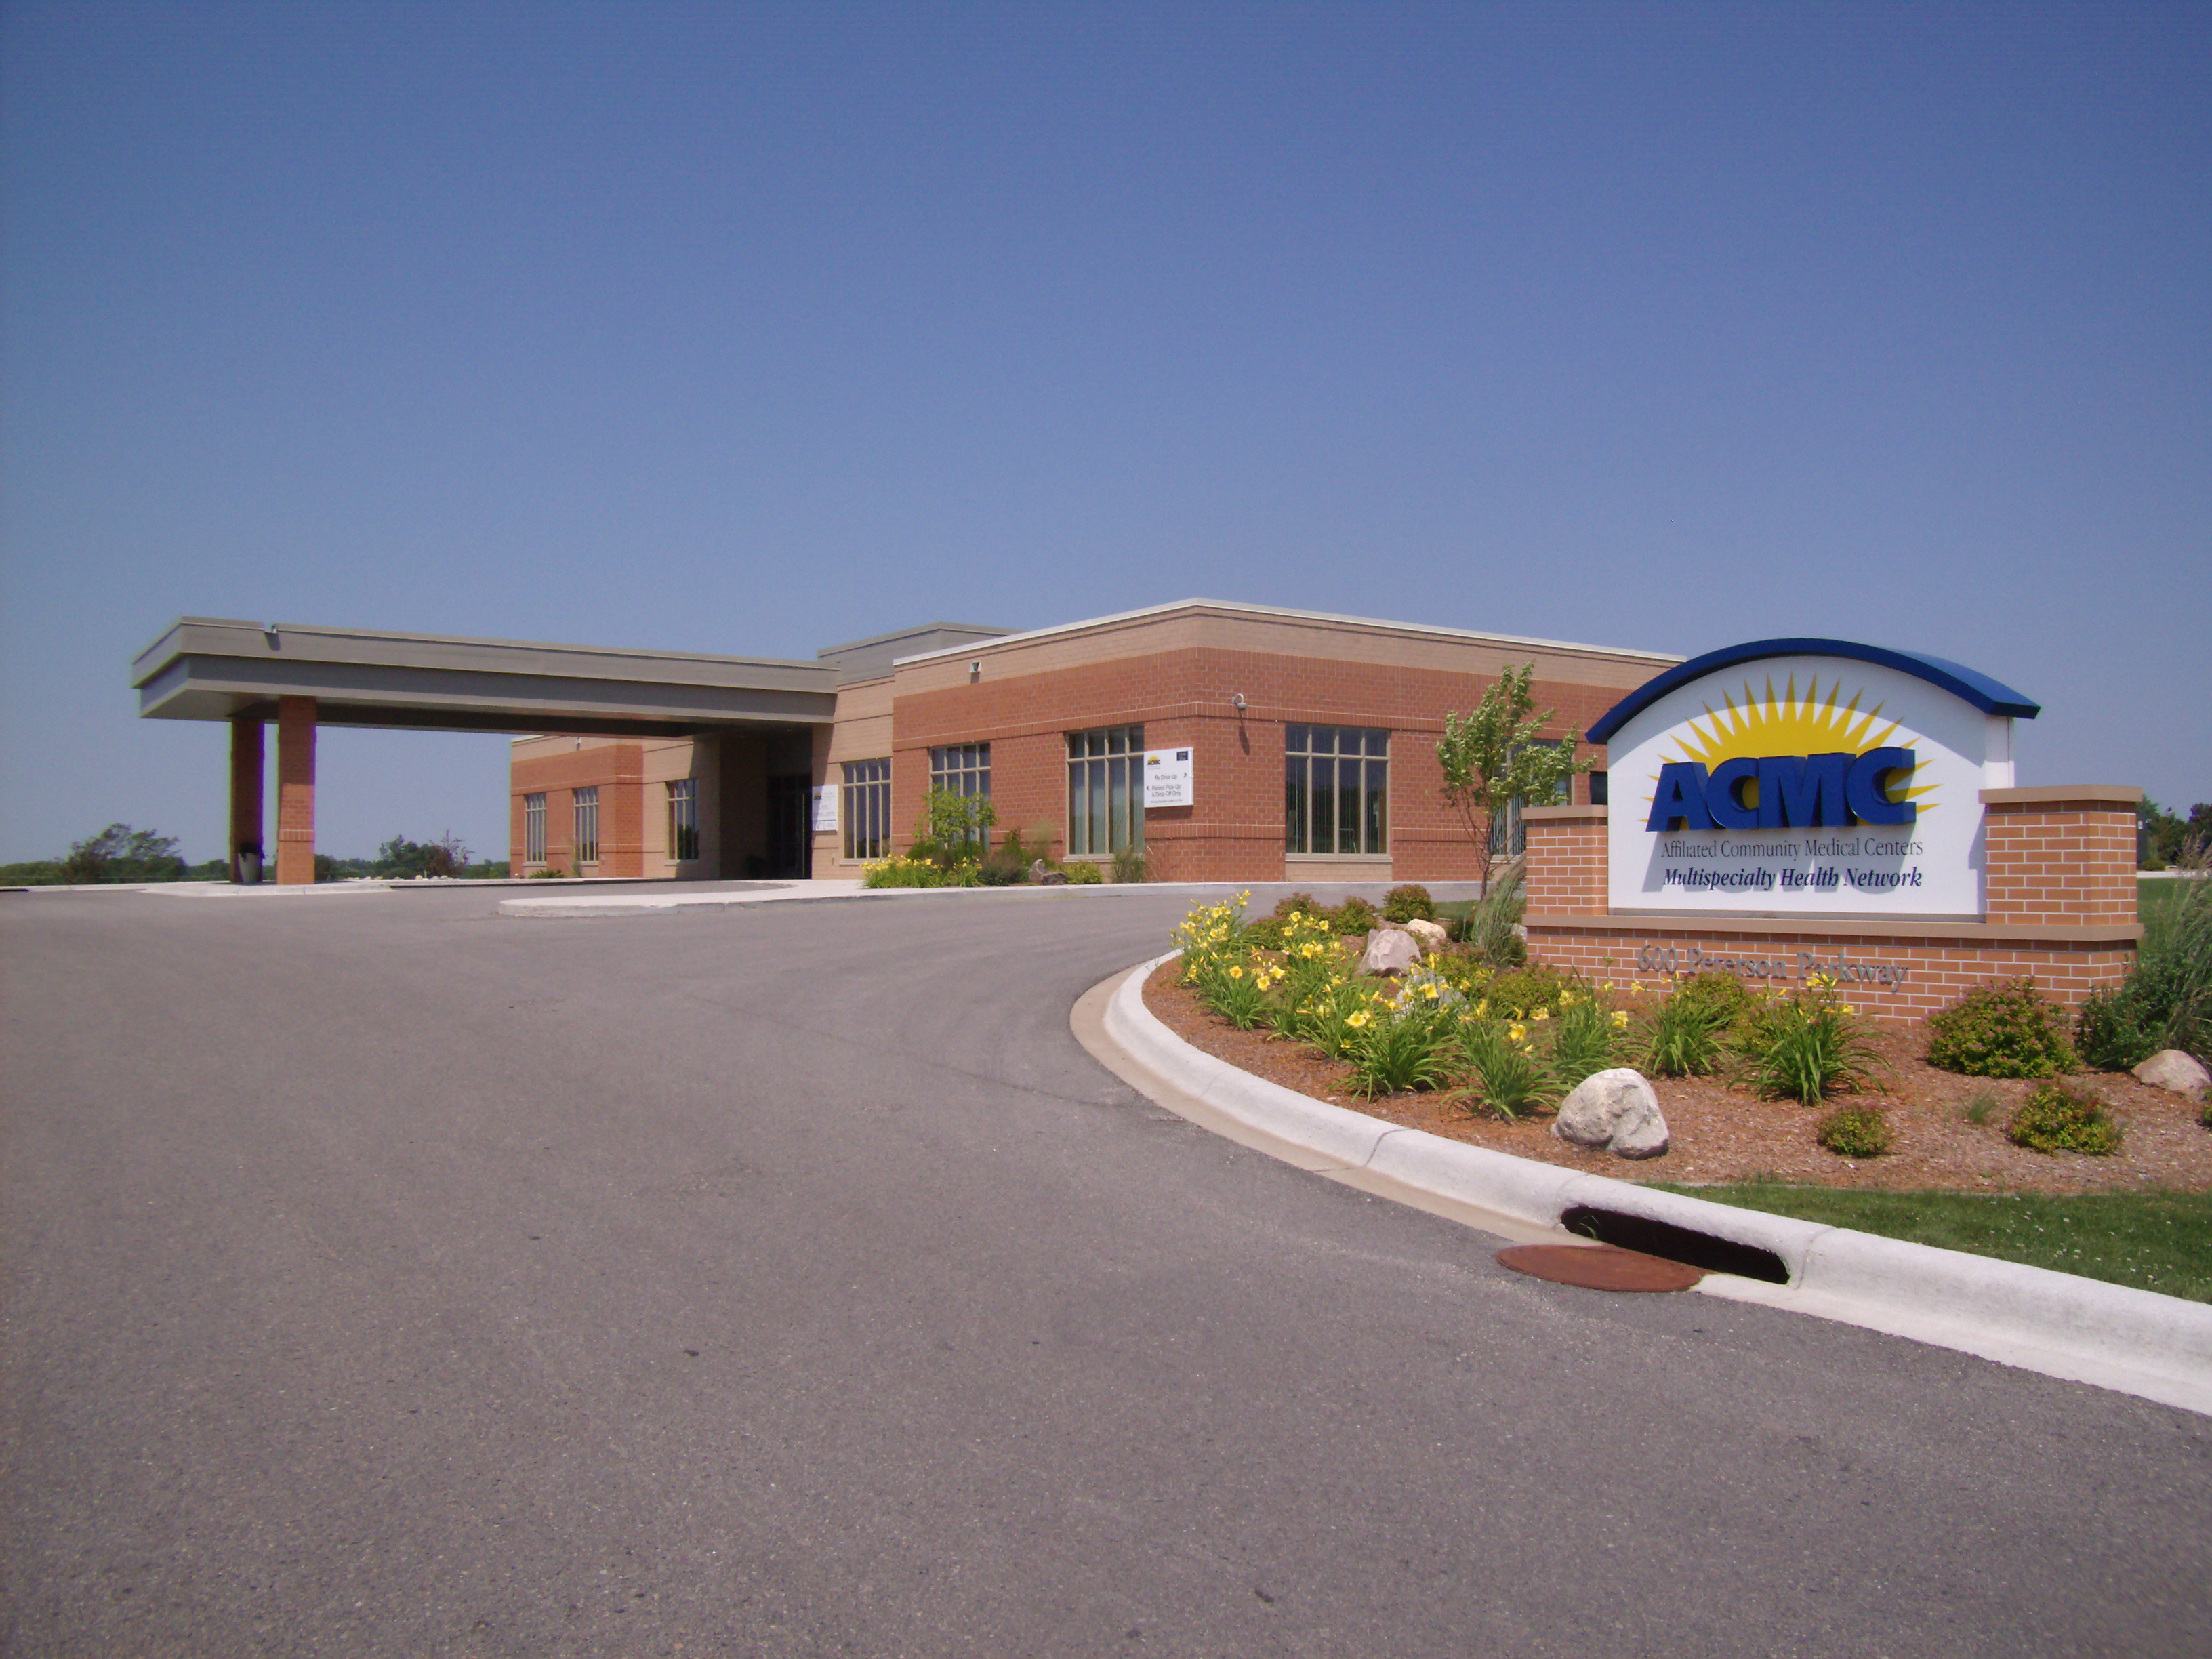 ACMC Clinic